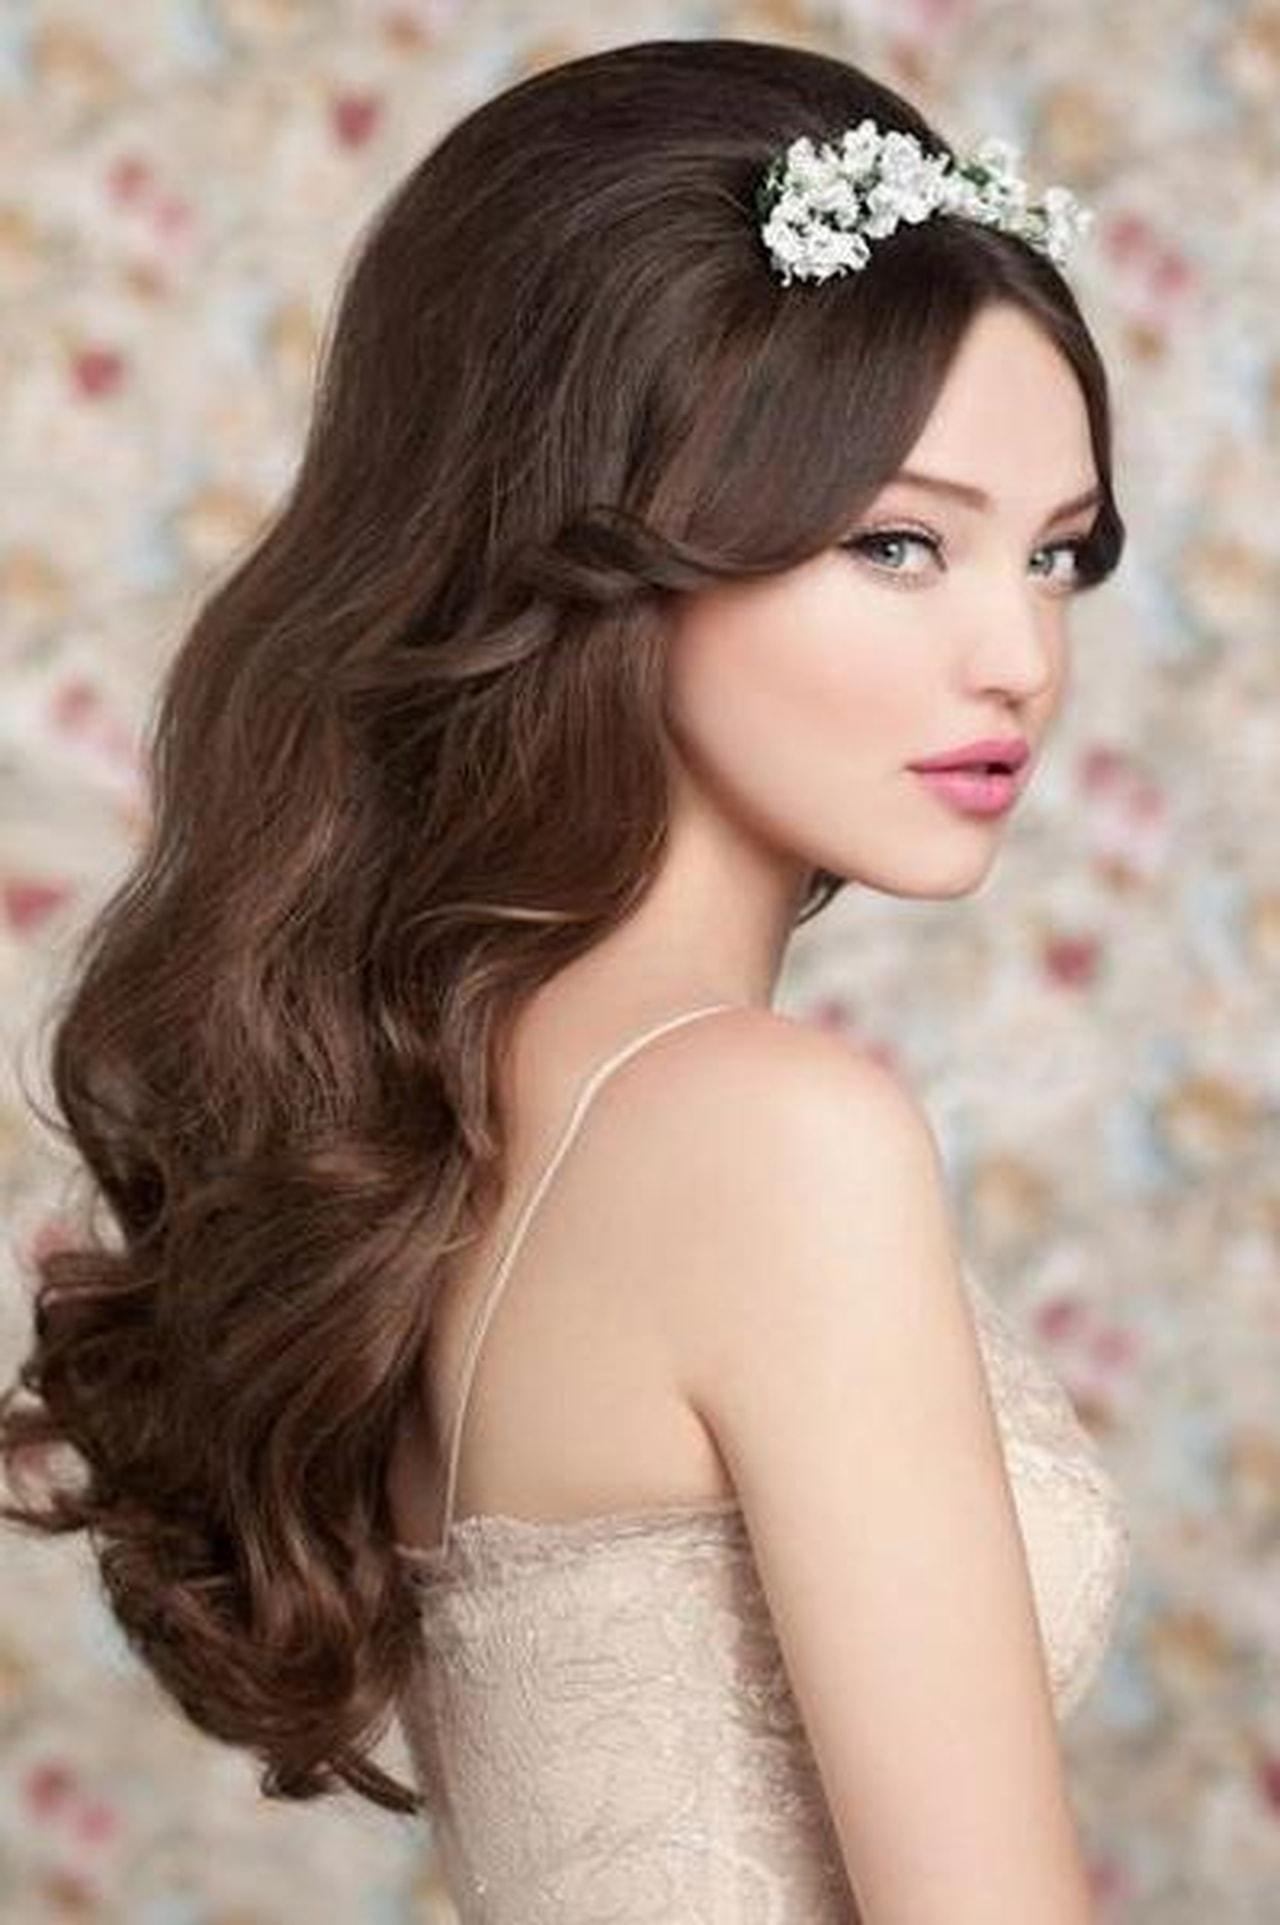 صوره تسريحات خطوبة للشعر الطويل 2019 , خلى شعرك يخطف الانظار